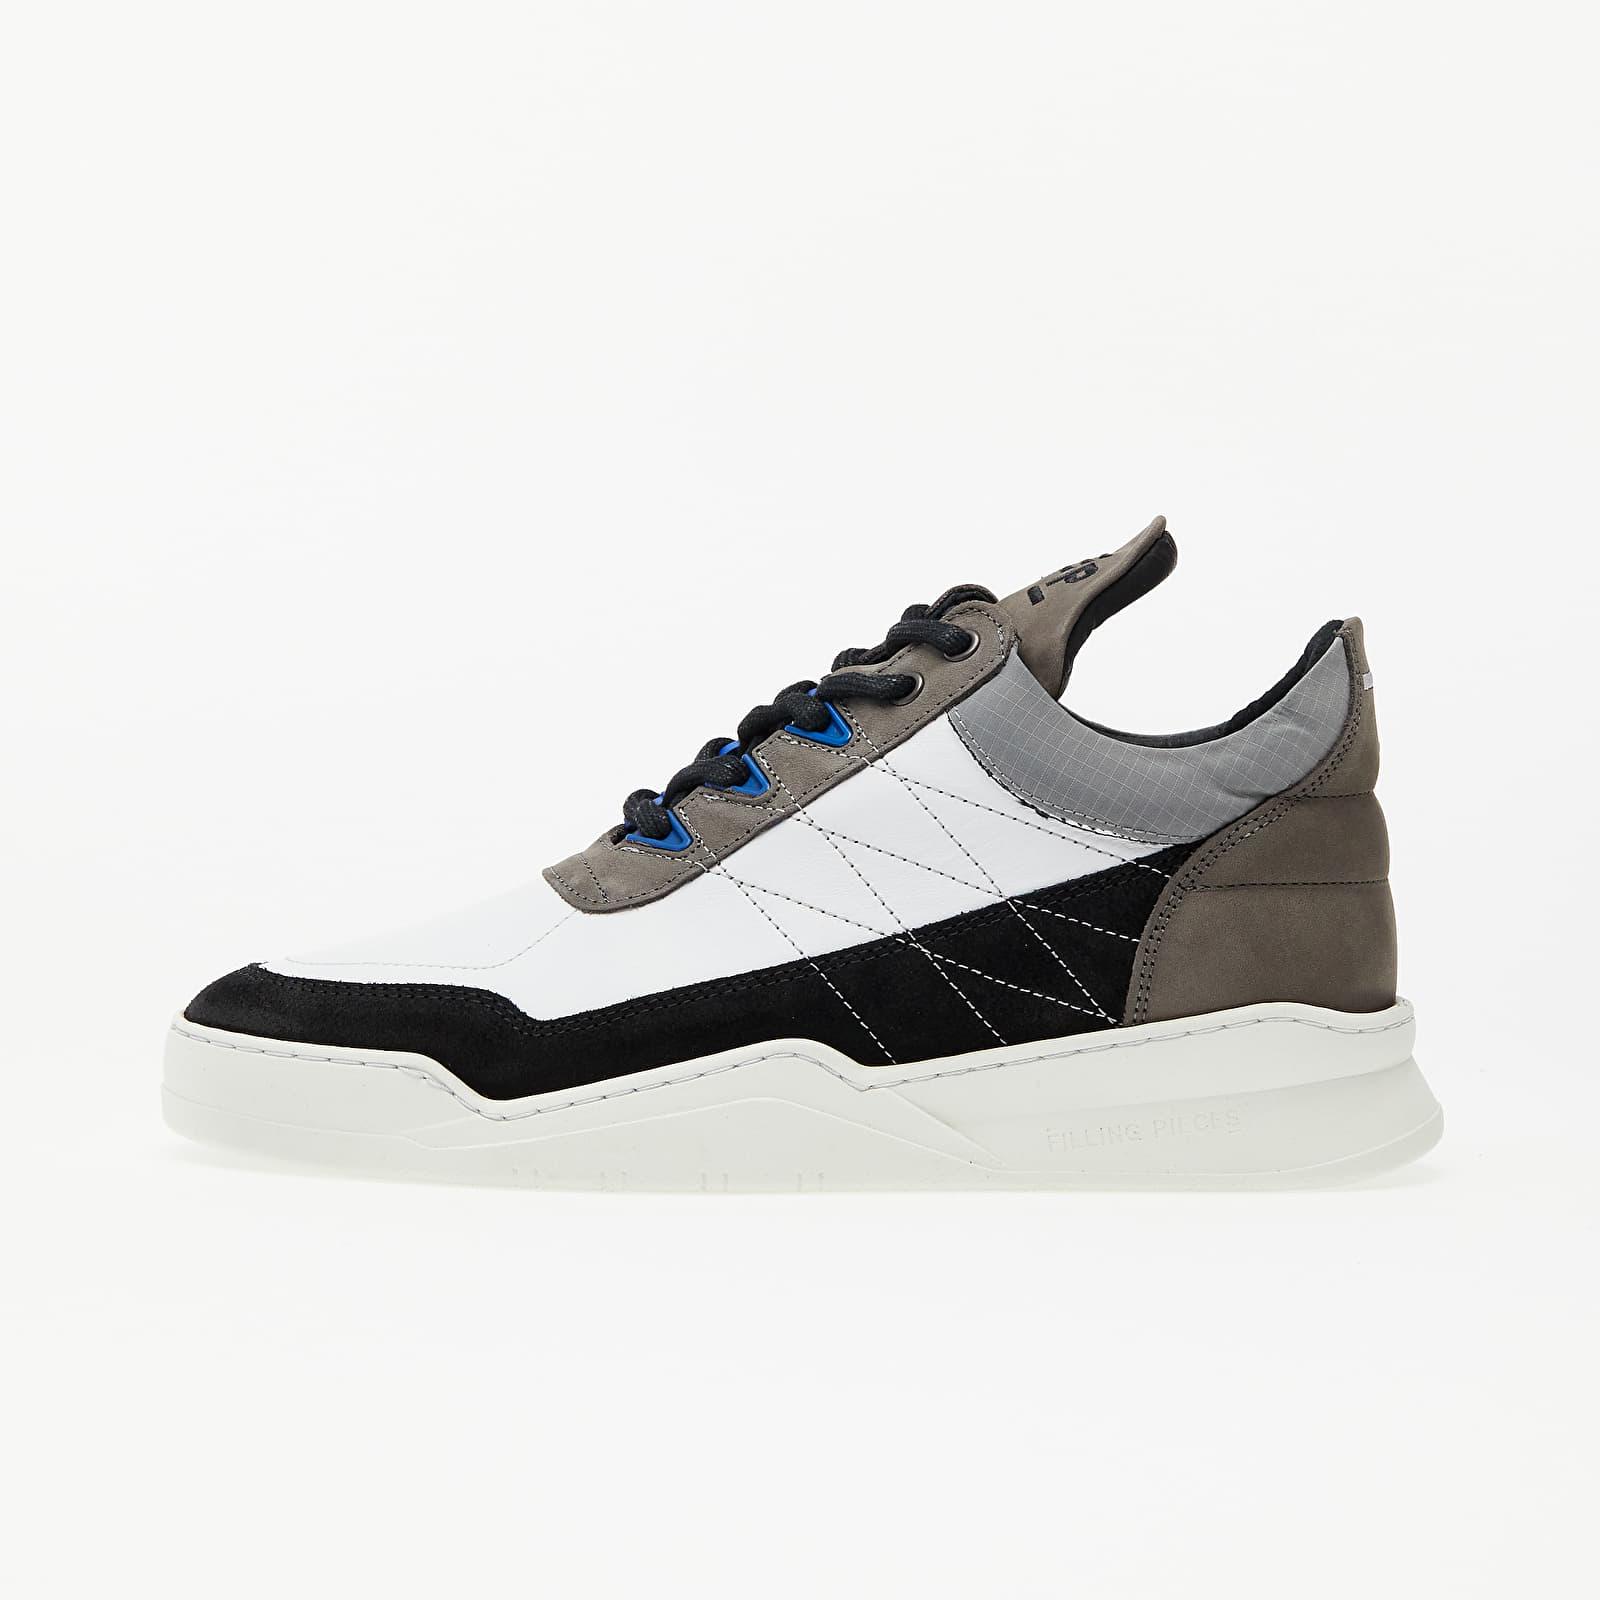 Încălțăminte și sneakerși pentru bărbați Filling Pieces Low Top Ghost Tweek Black/ White